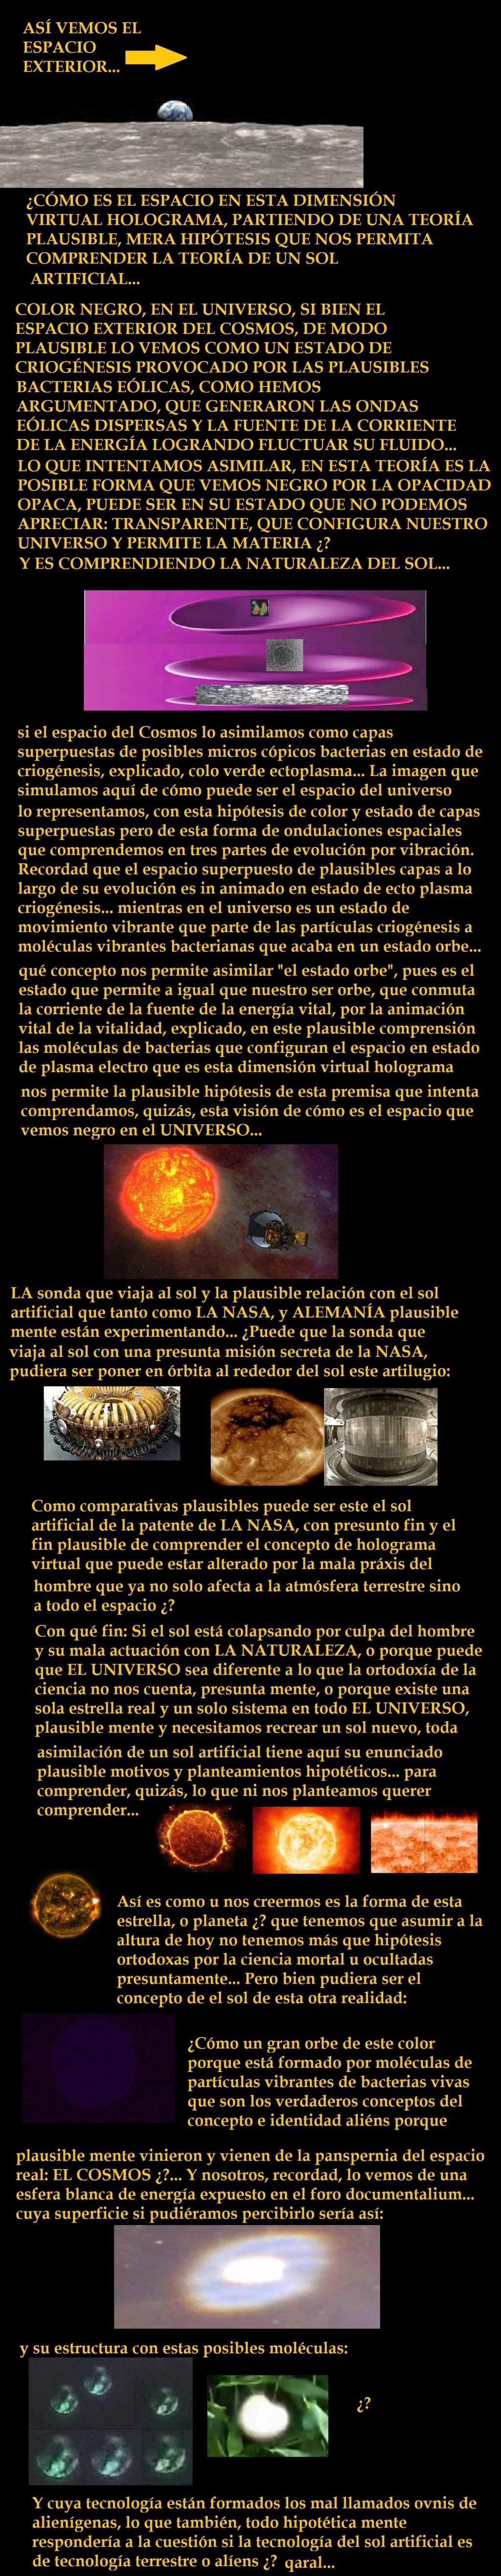 ¿LOS DOS SOLES QUE APARENTE MENTE APARECEN EN FOTOS PLAUSIBLES REALES PUEDE SER UNO ARTIFICIAL Y CREADO POR LA NASA? Images28